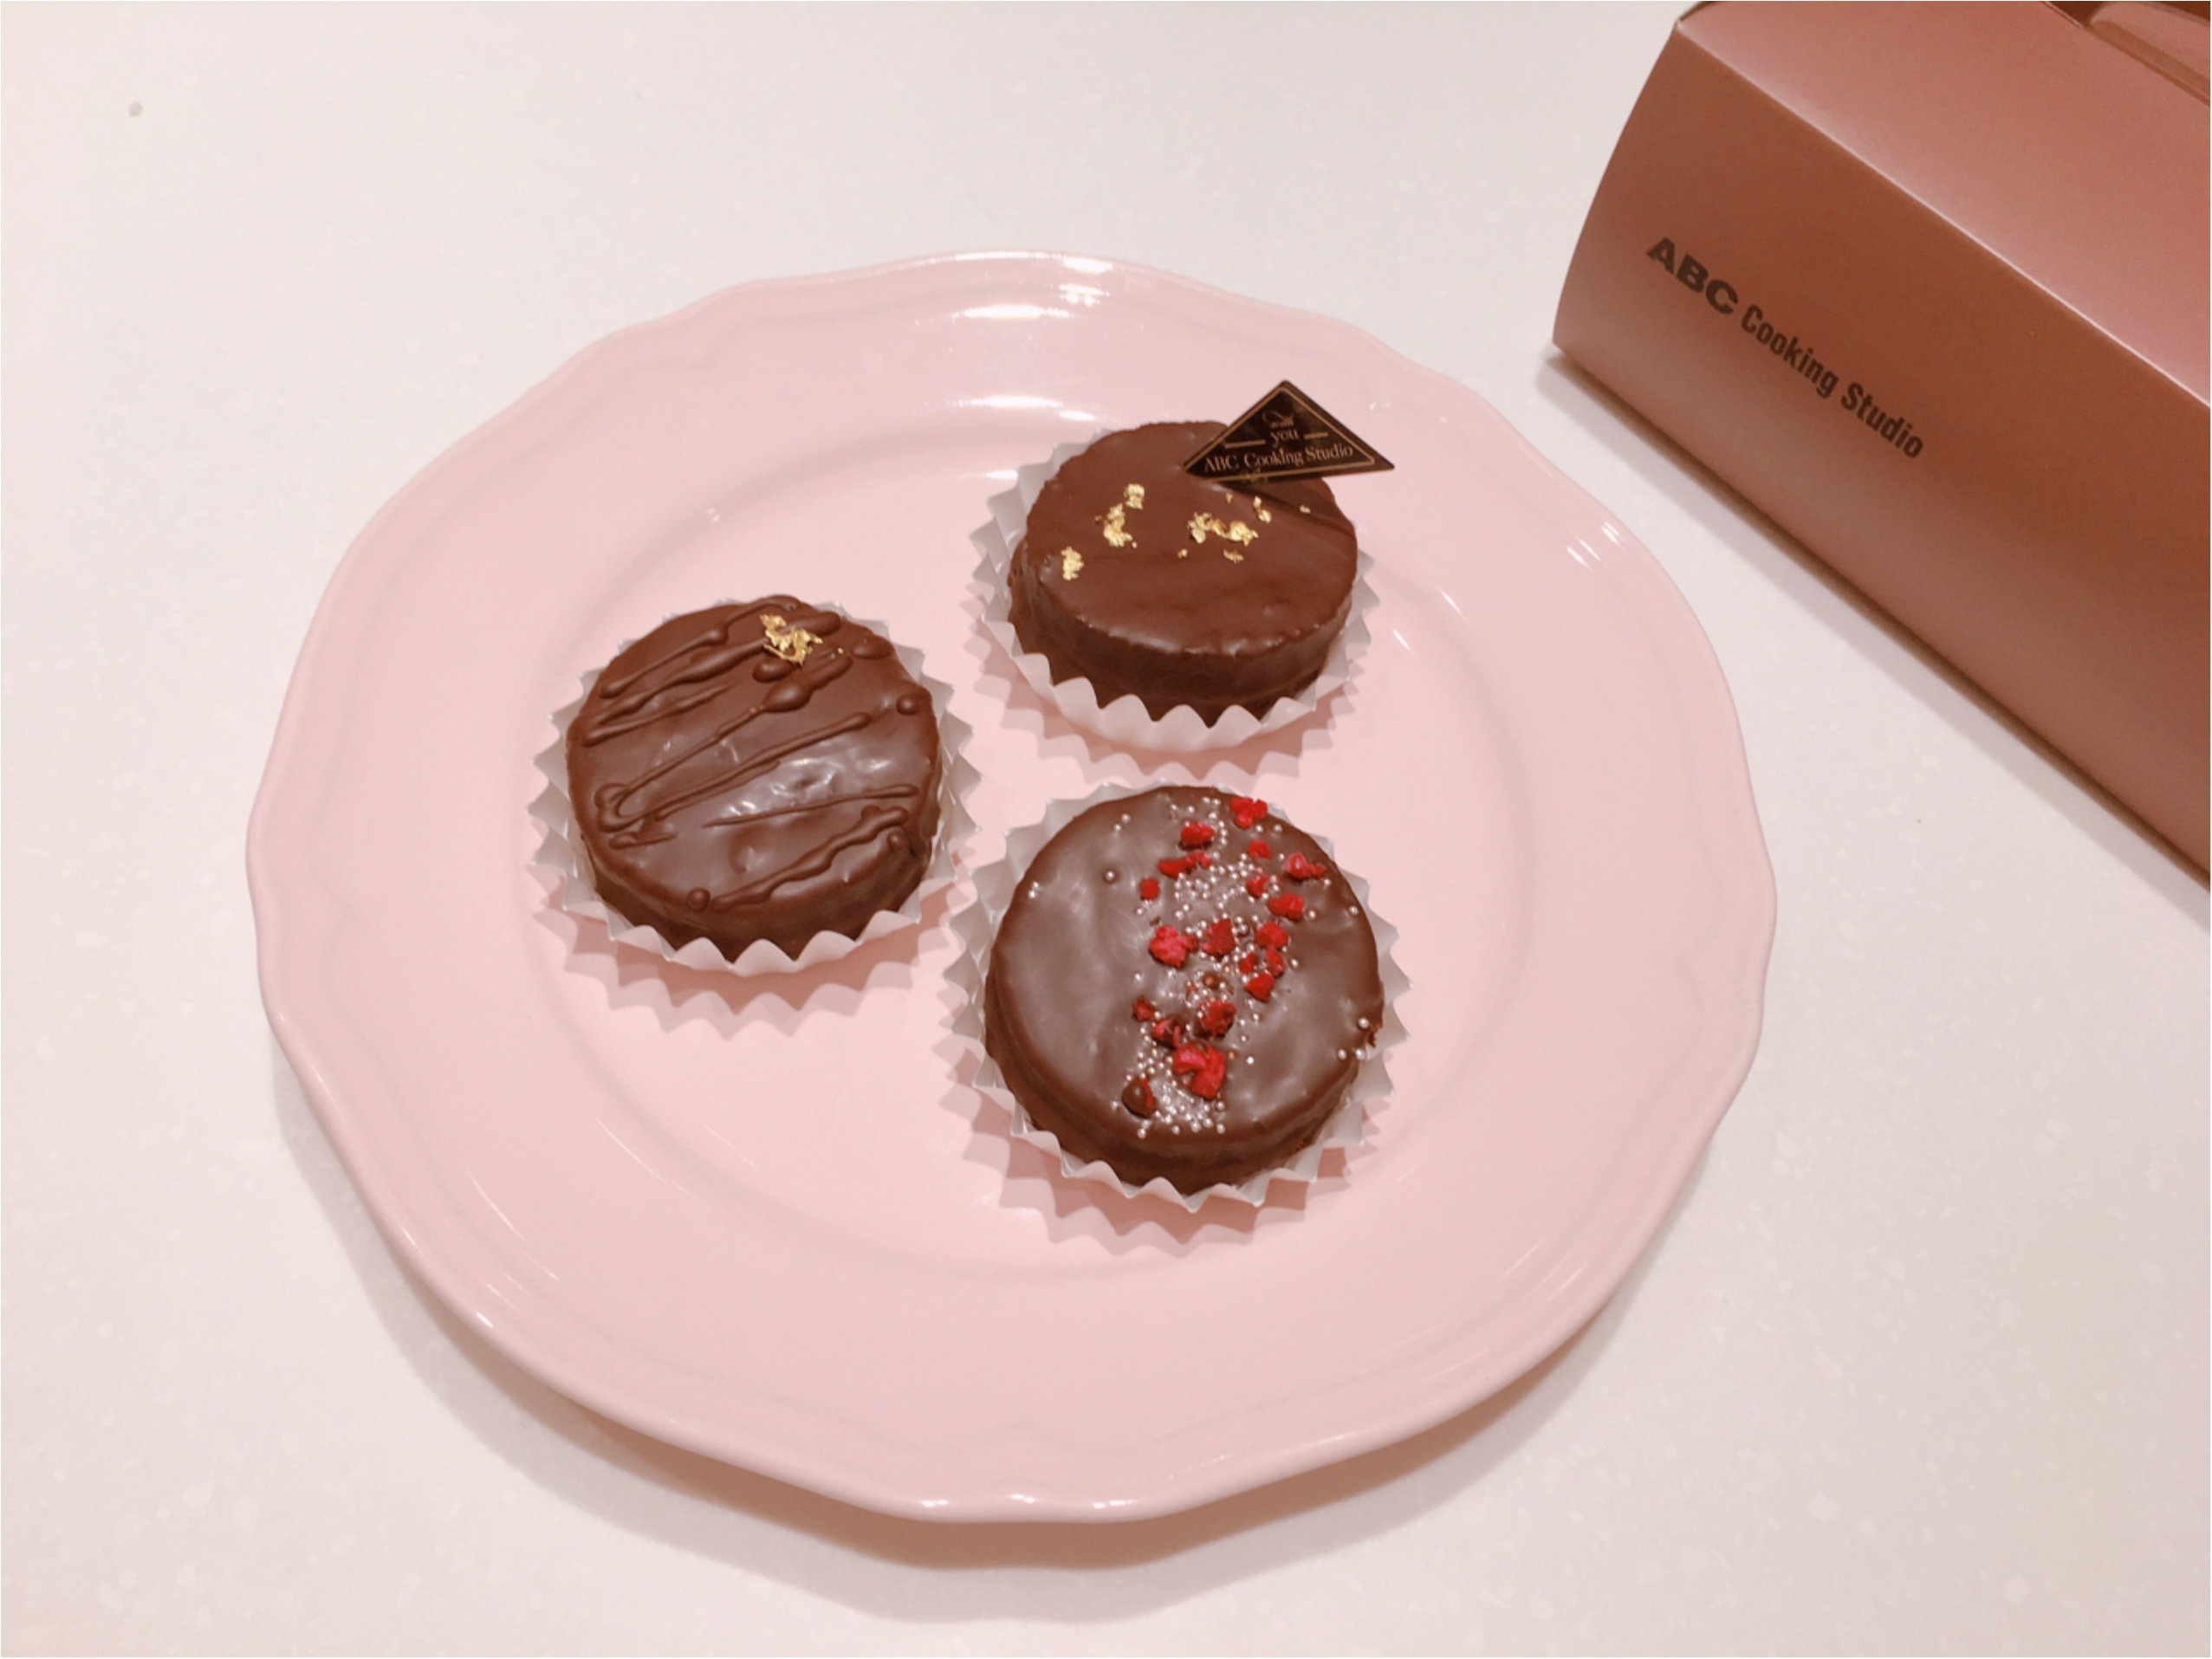 ハート型がかわいすぎっ!バレンタイン仕様のパンケーキが登場♡_1